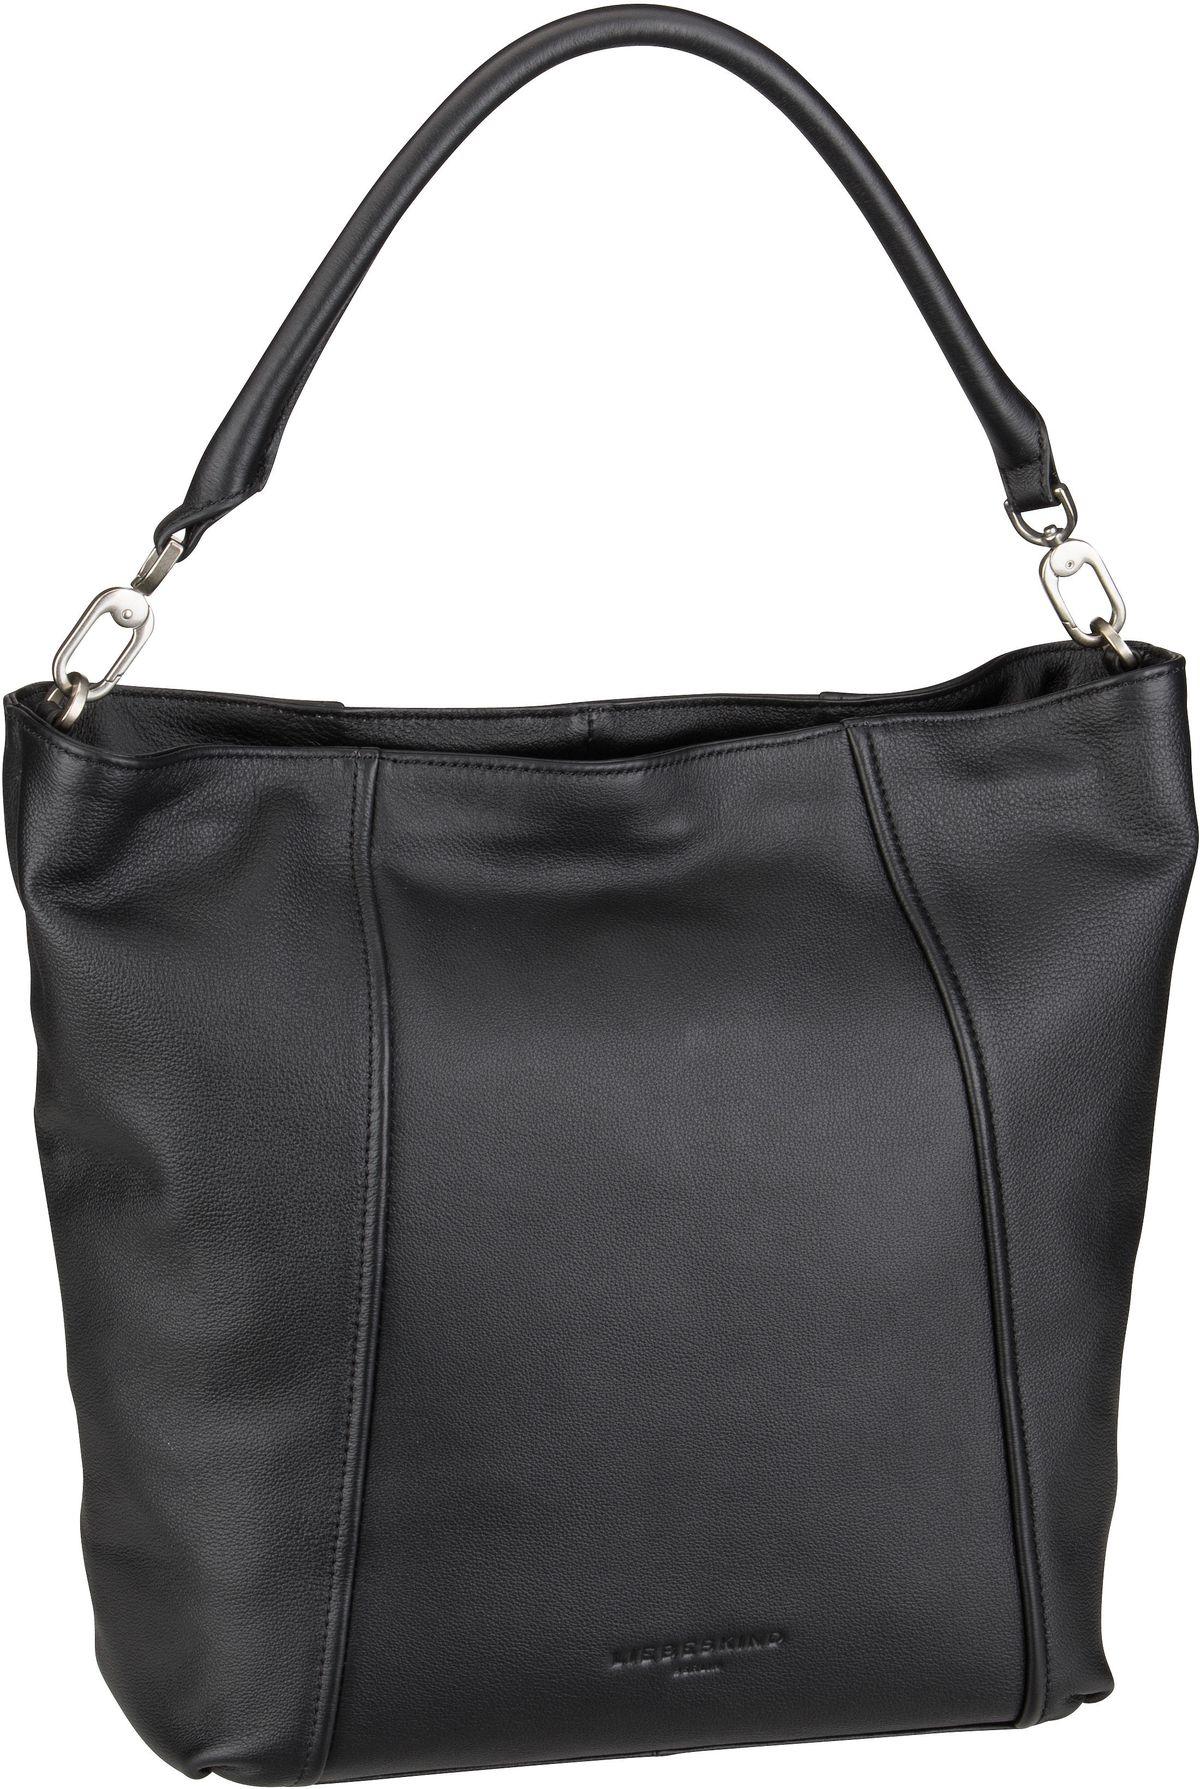 Berlin Handtasche Iva 20 Black